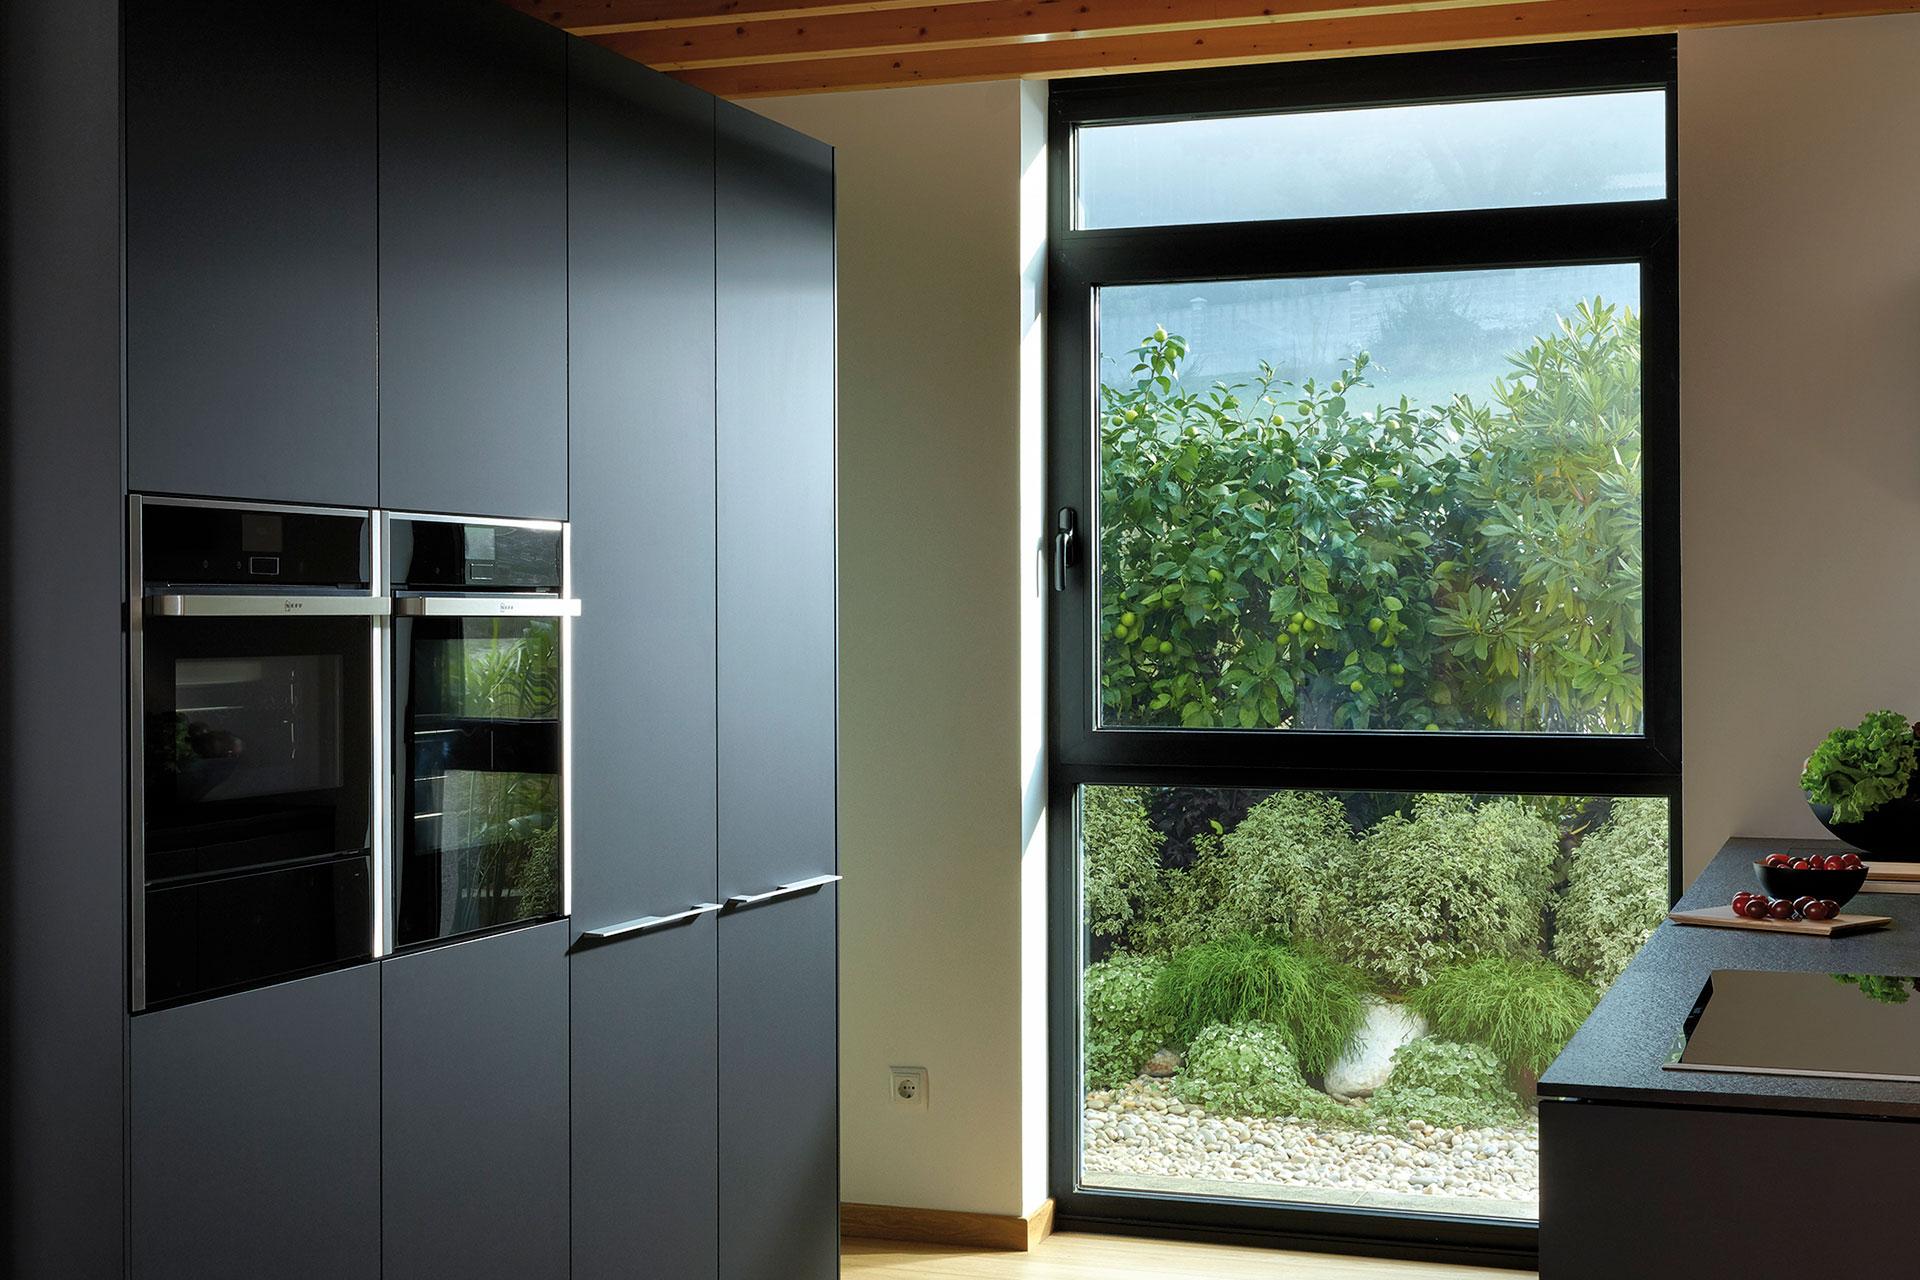 Electrodomésticos integrados: espacios limpios y armónicos | Columna portahornos | Cocinas Santos | Santiago Interiores